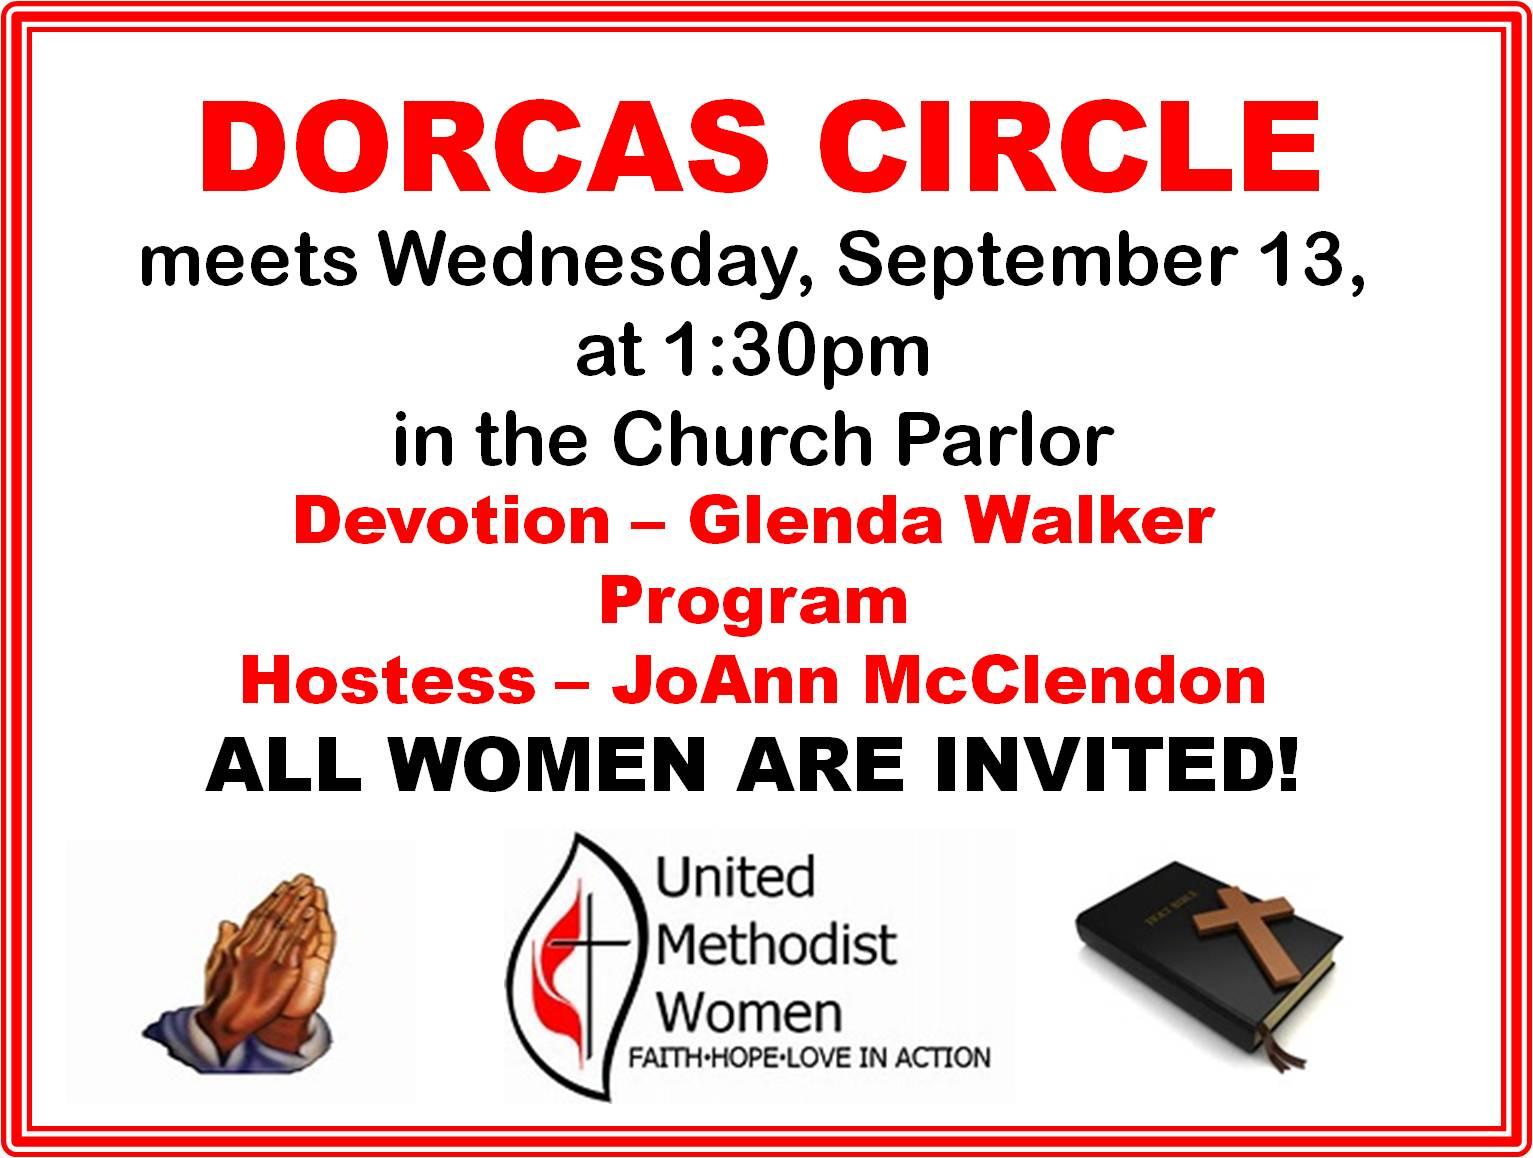 dorcas circle